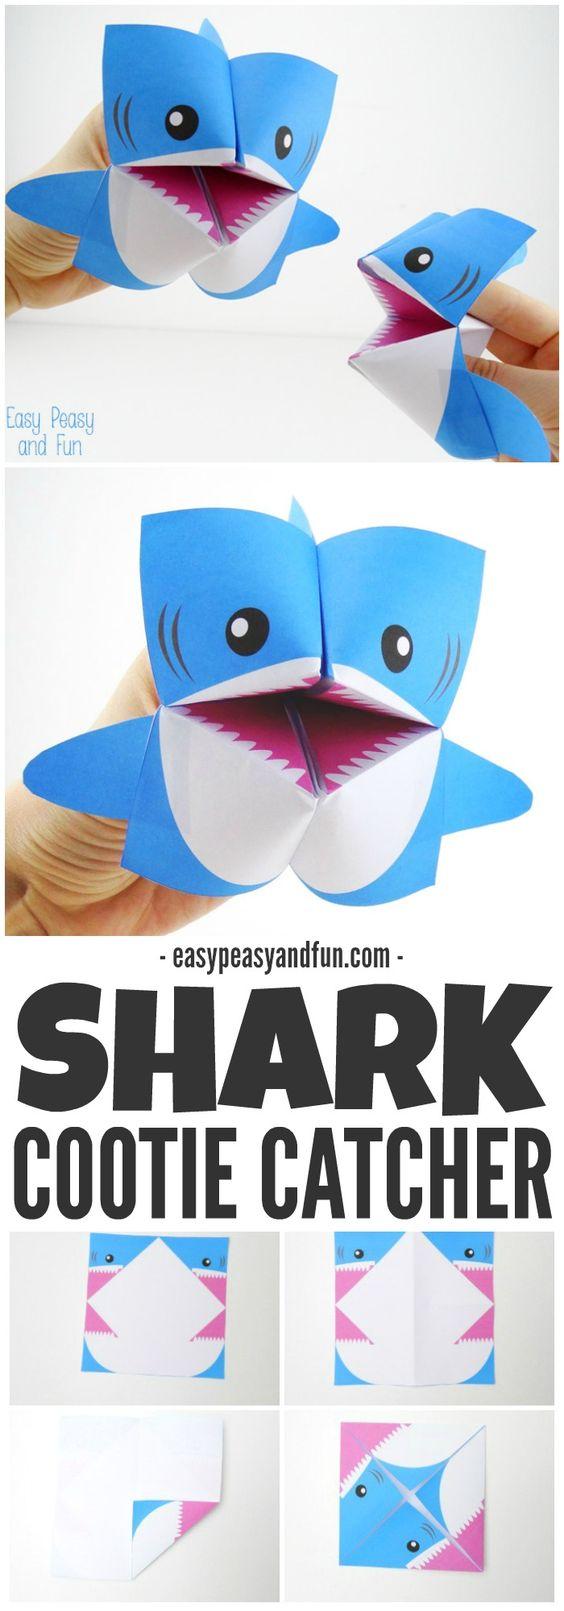 Shark Cootie Catcher – Origami for Kids